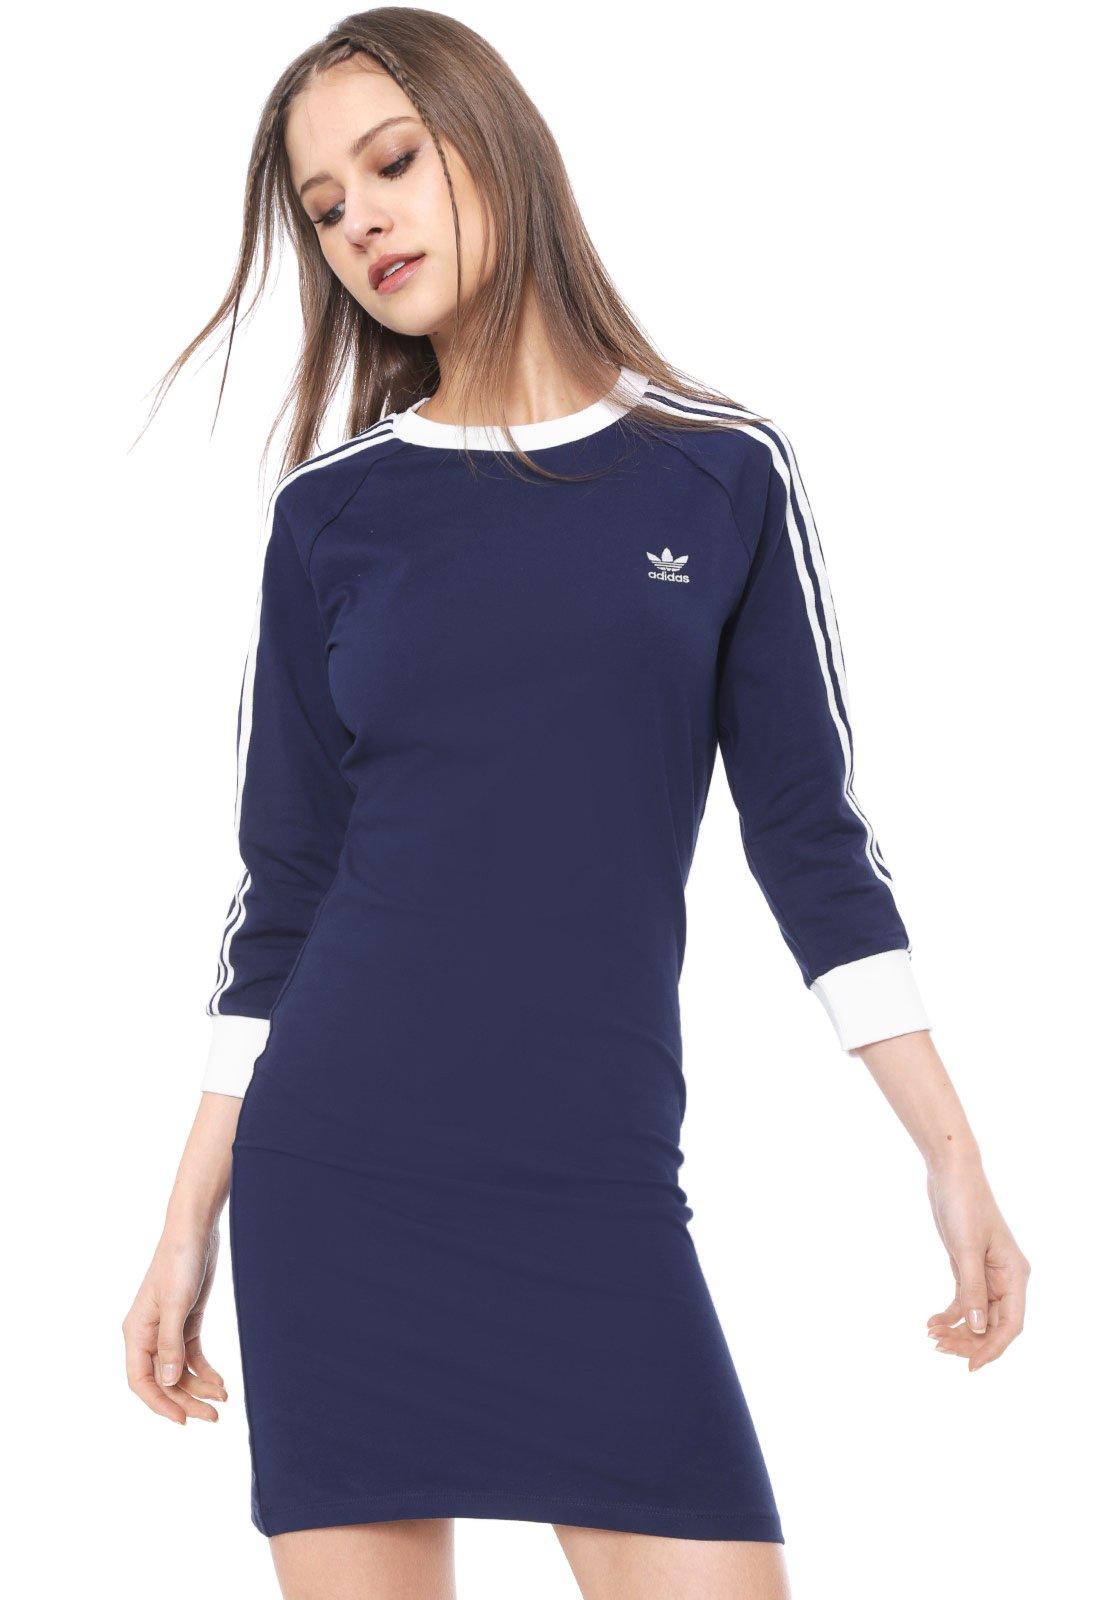 mil prosa Baya  Vestido adidas Originals Curto 3 Stripes Azul-marinho - Compre Agora |  Dafiti Brasil